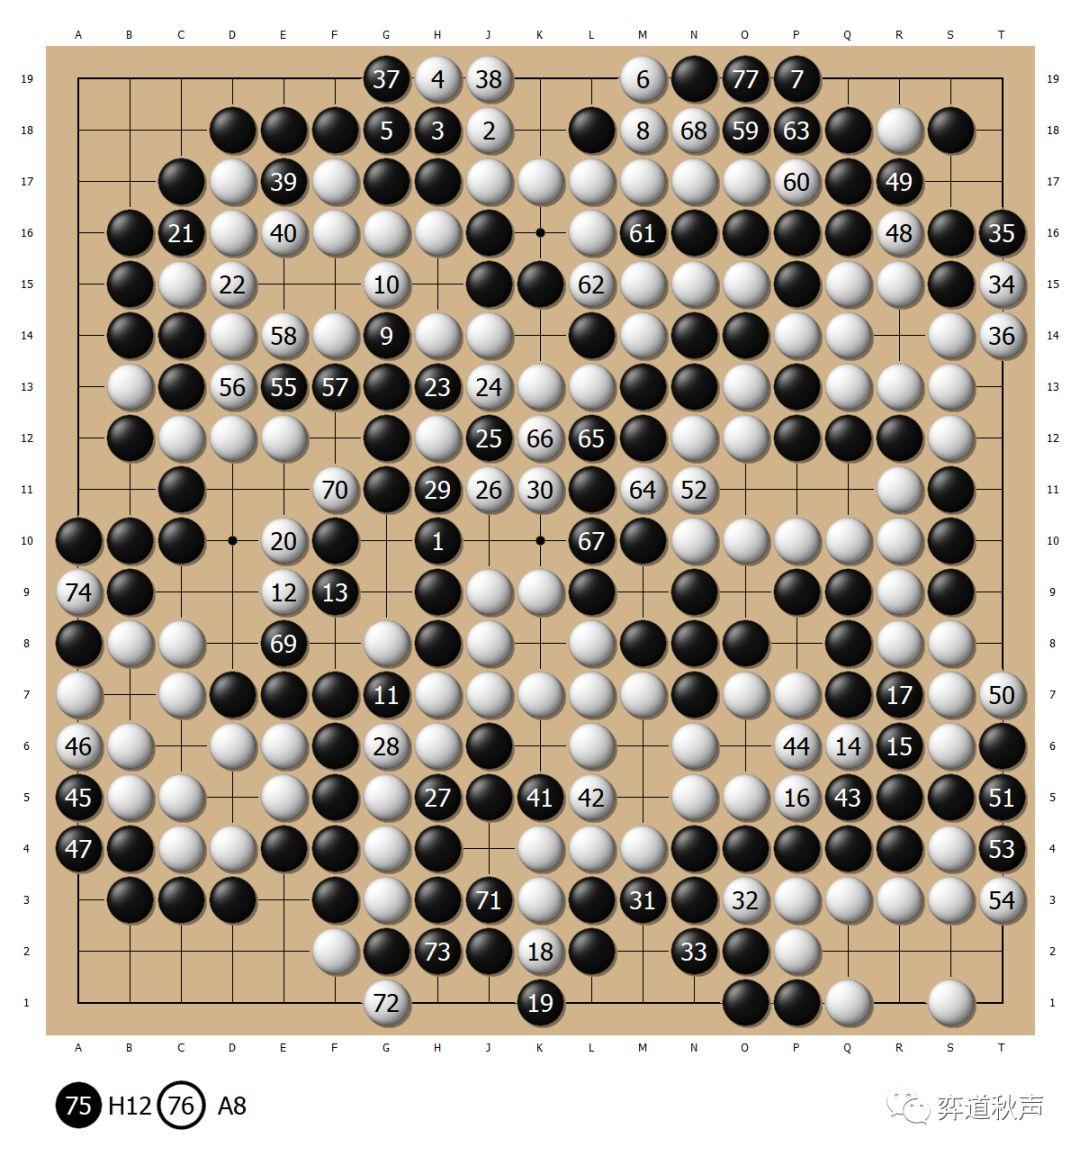 富士通杯回顾系列(94) 台湾本土棋手爆冷 刘小光意外不敌陈国兴